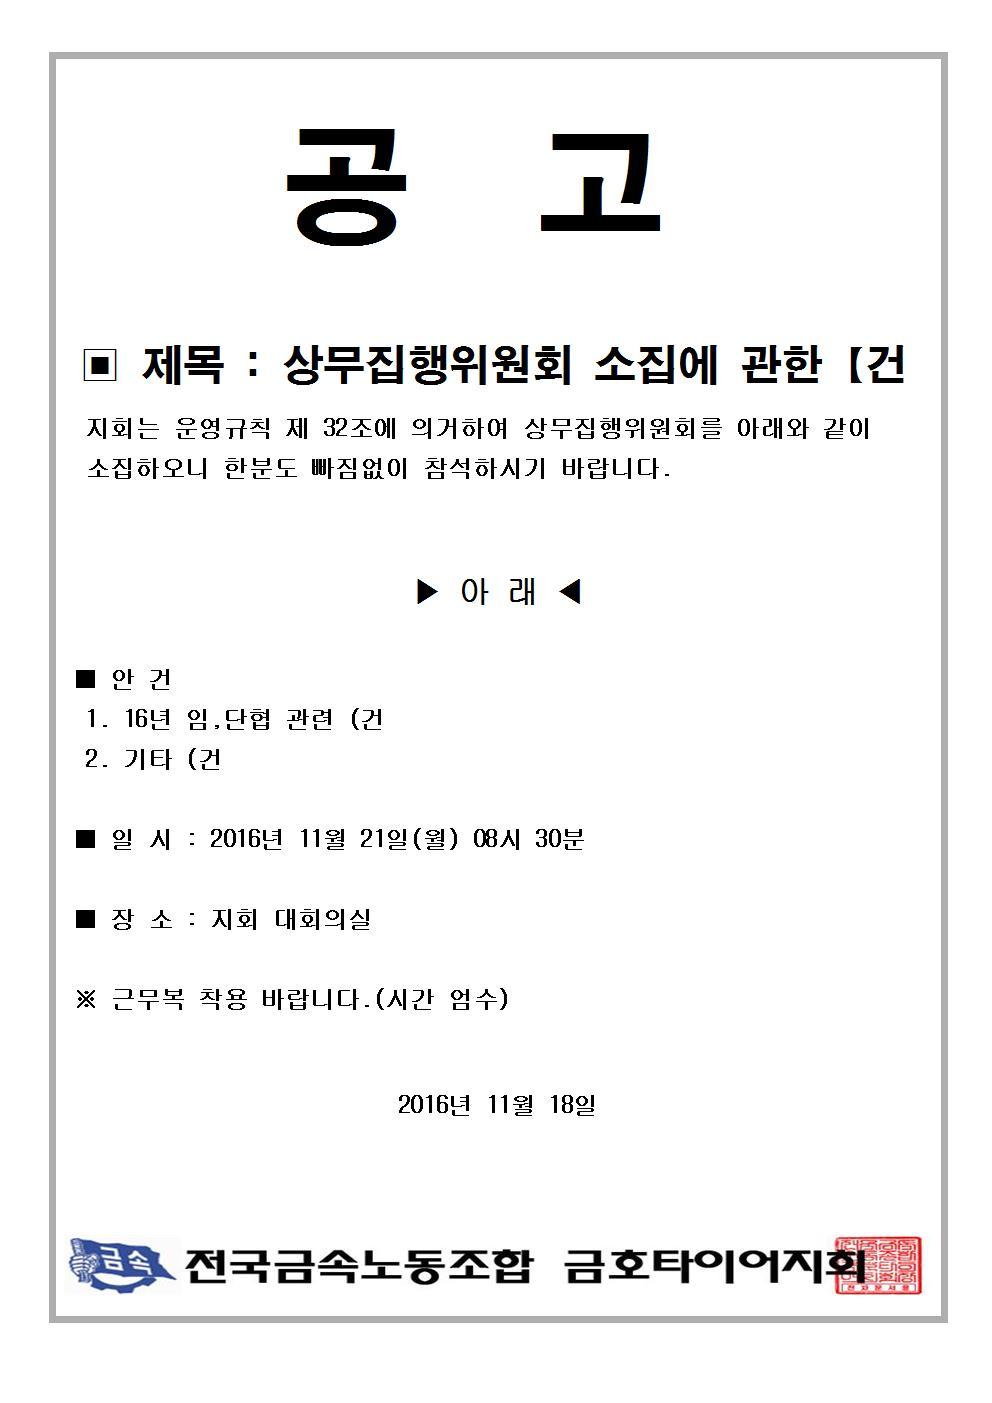 12차 상집위원회공고 11.18.001.jpg